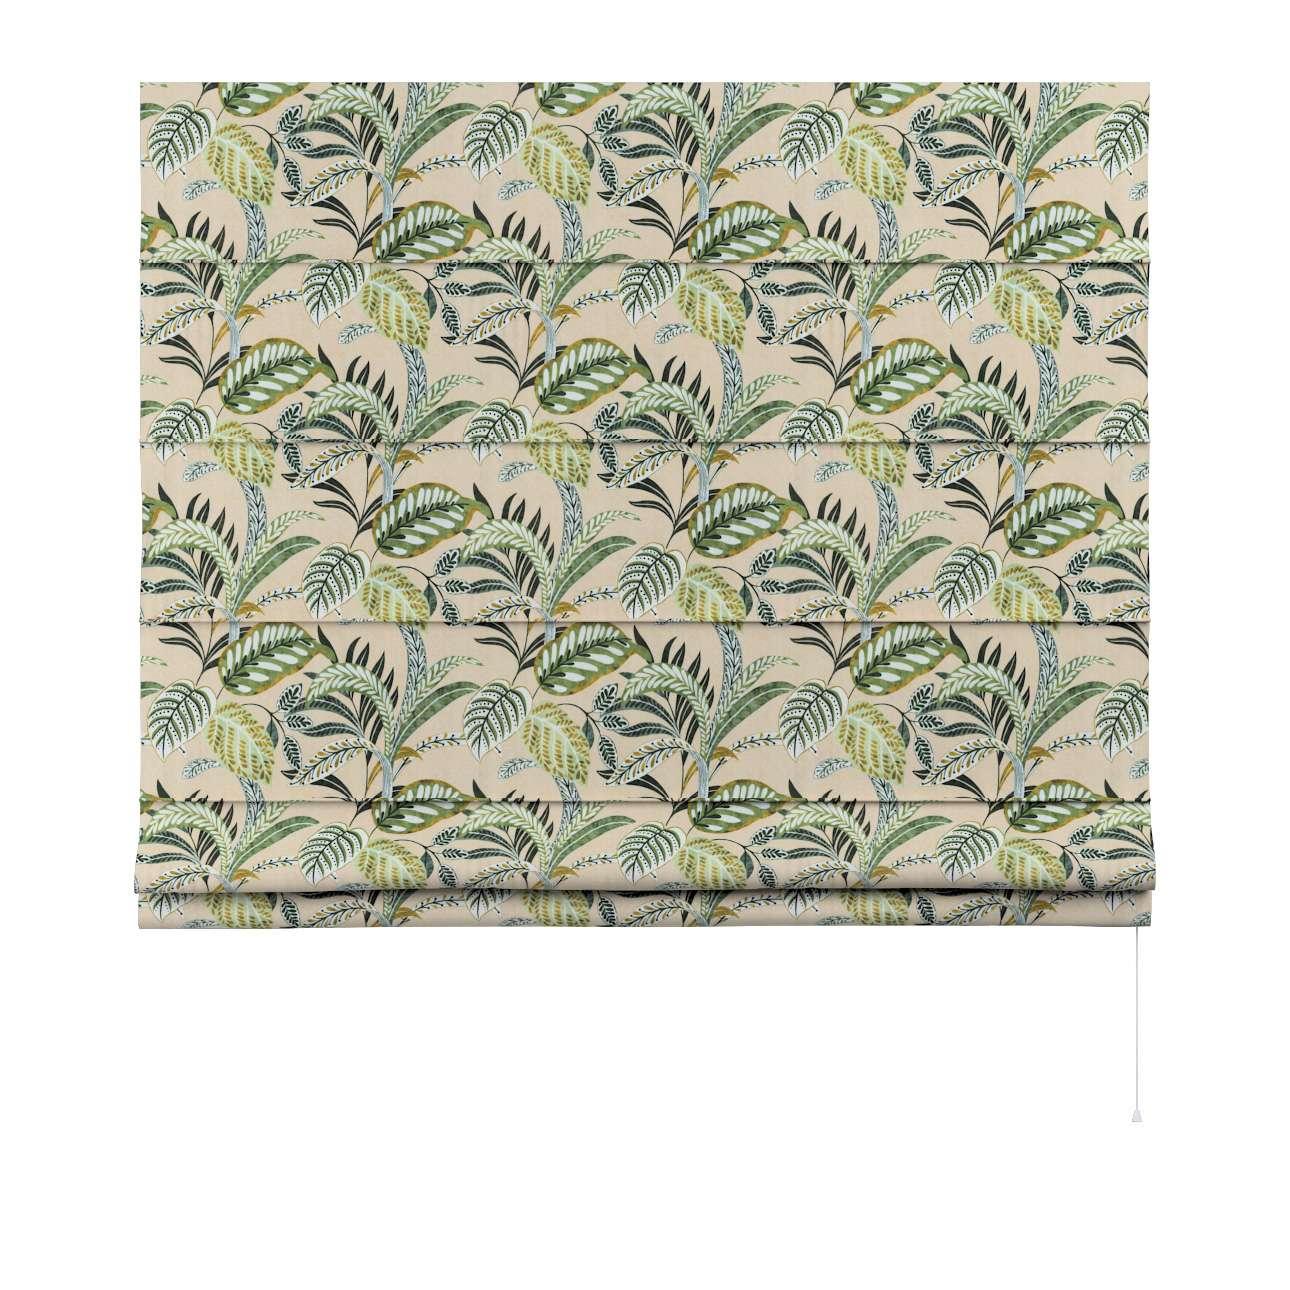 Roleta rzymska Capri w kolekcji Tropical Island, tkanina: 142-96